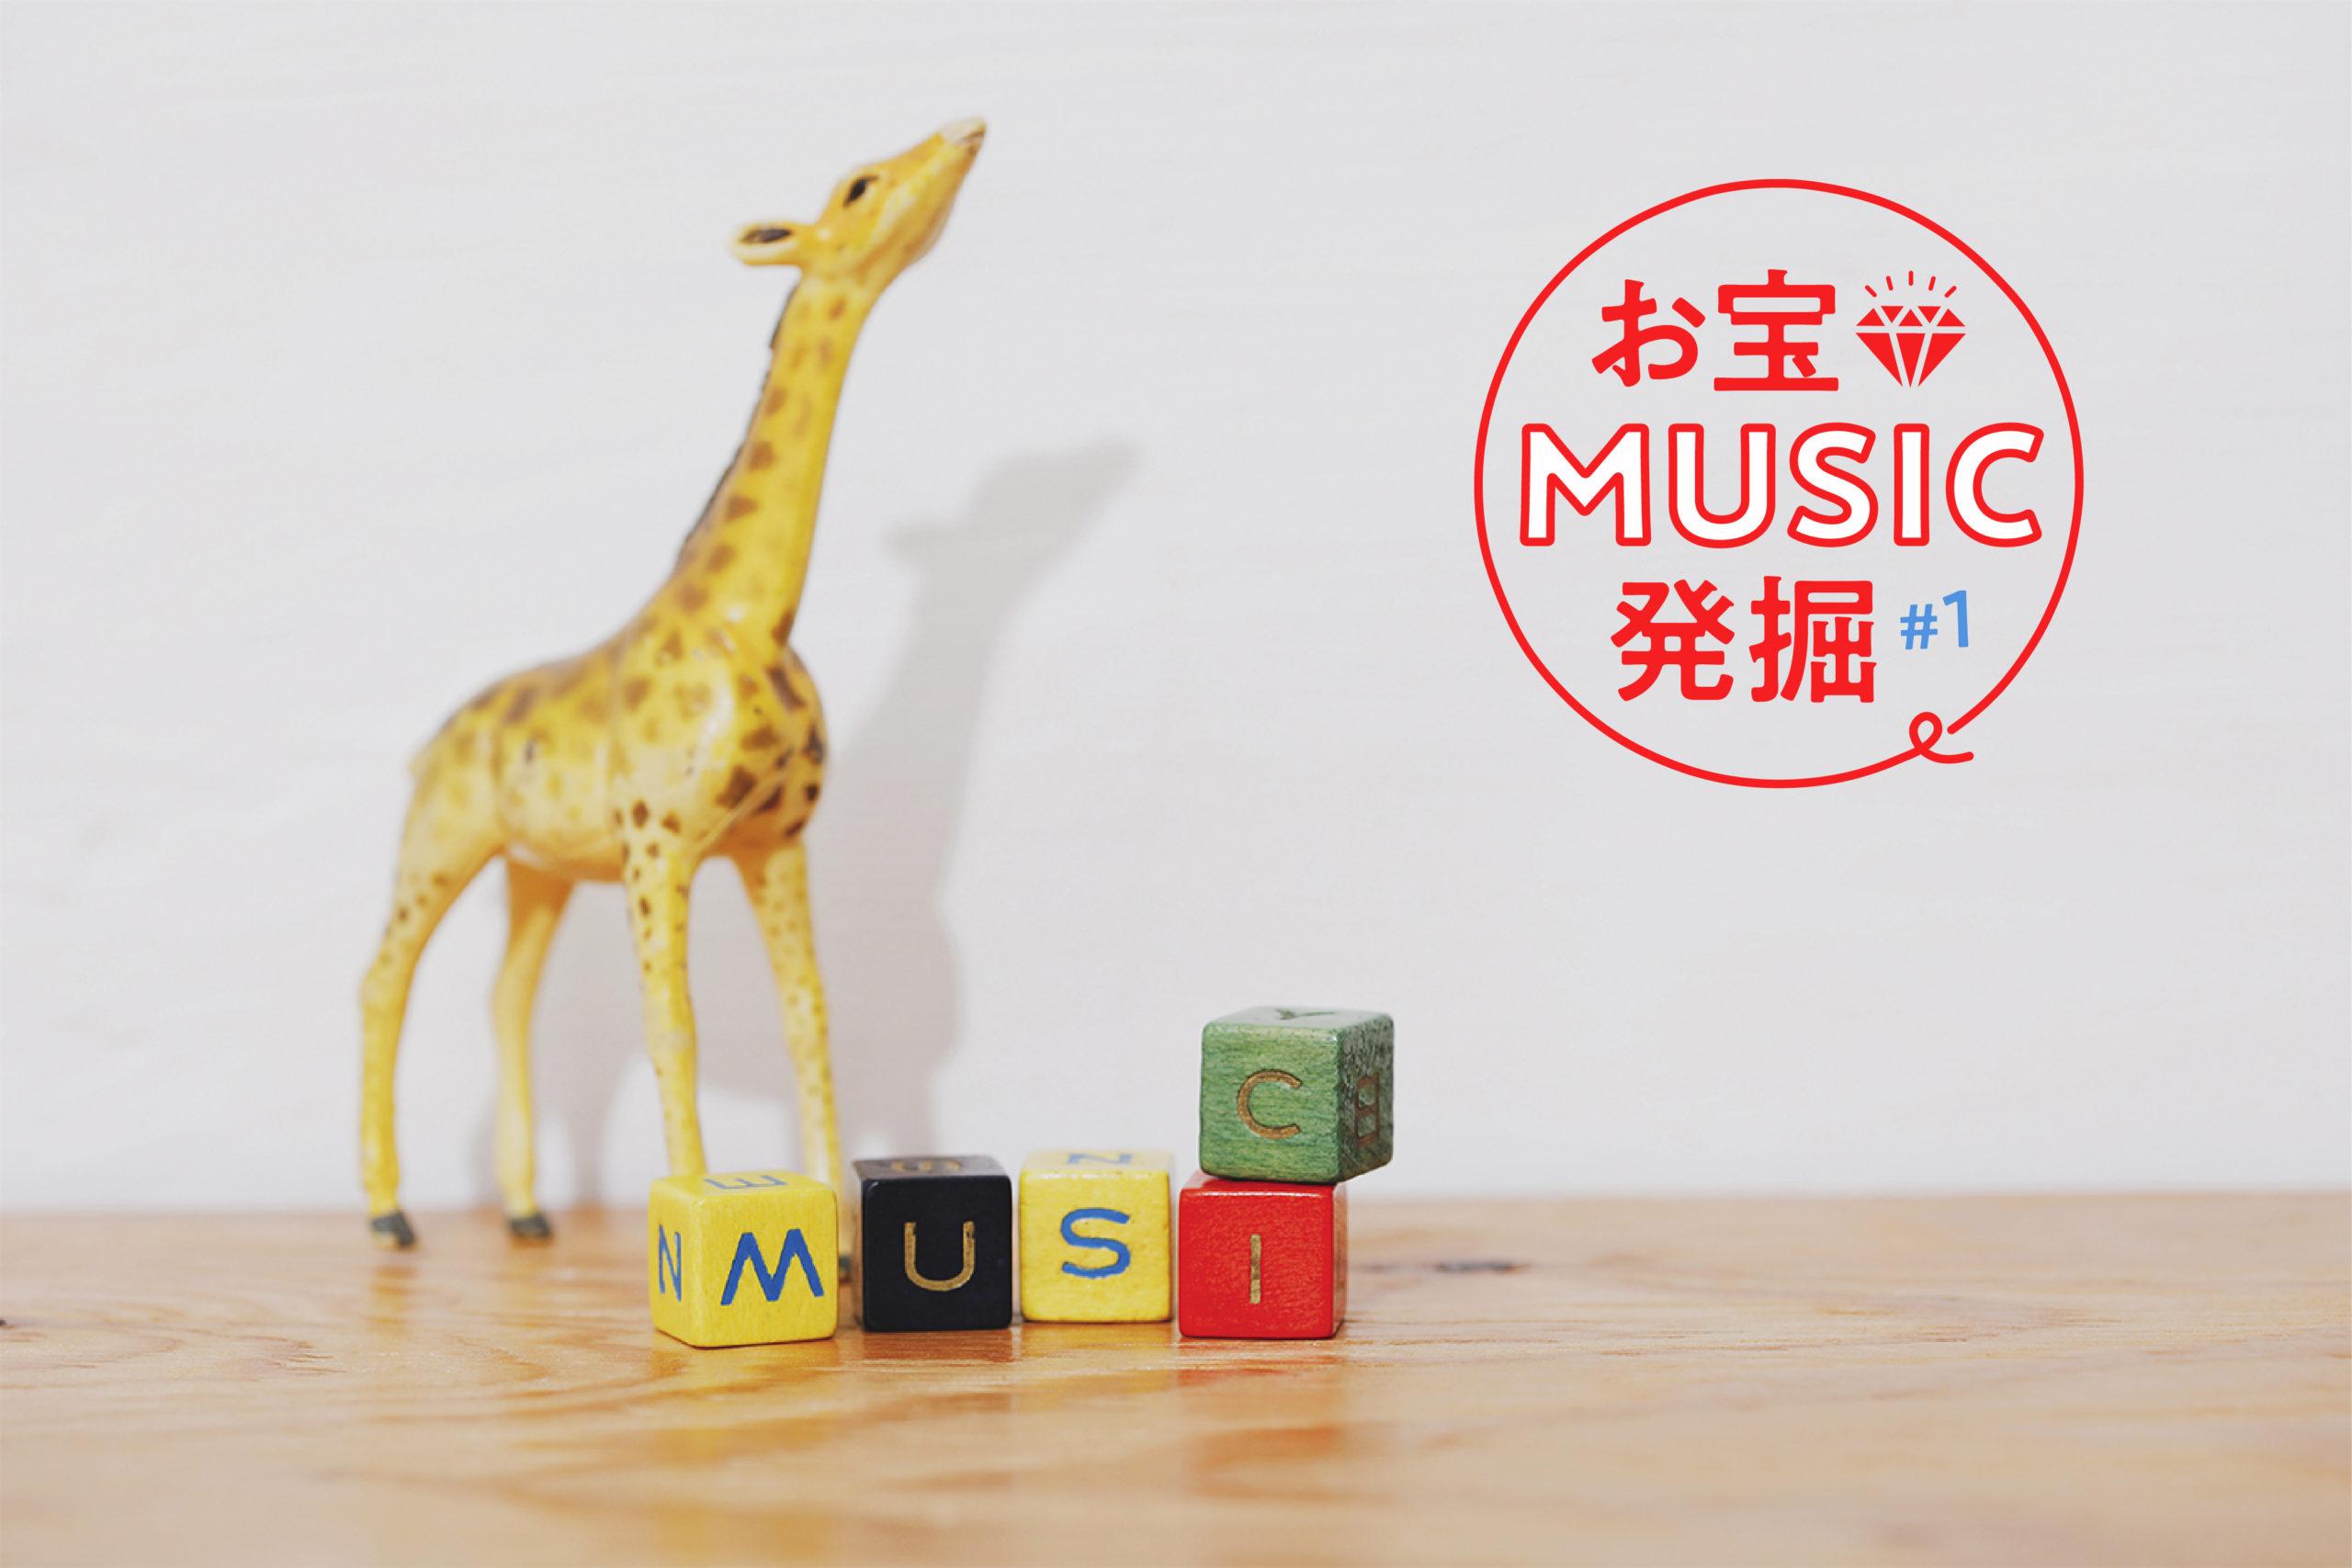 「お宝MUSIC発掘#1 − BACHICO / Dr.FOOL / パレットパレッツ」のアイキャッチ画像